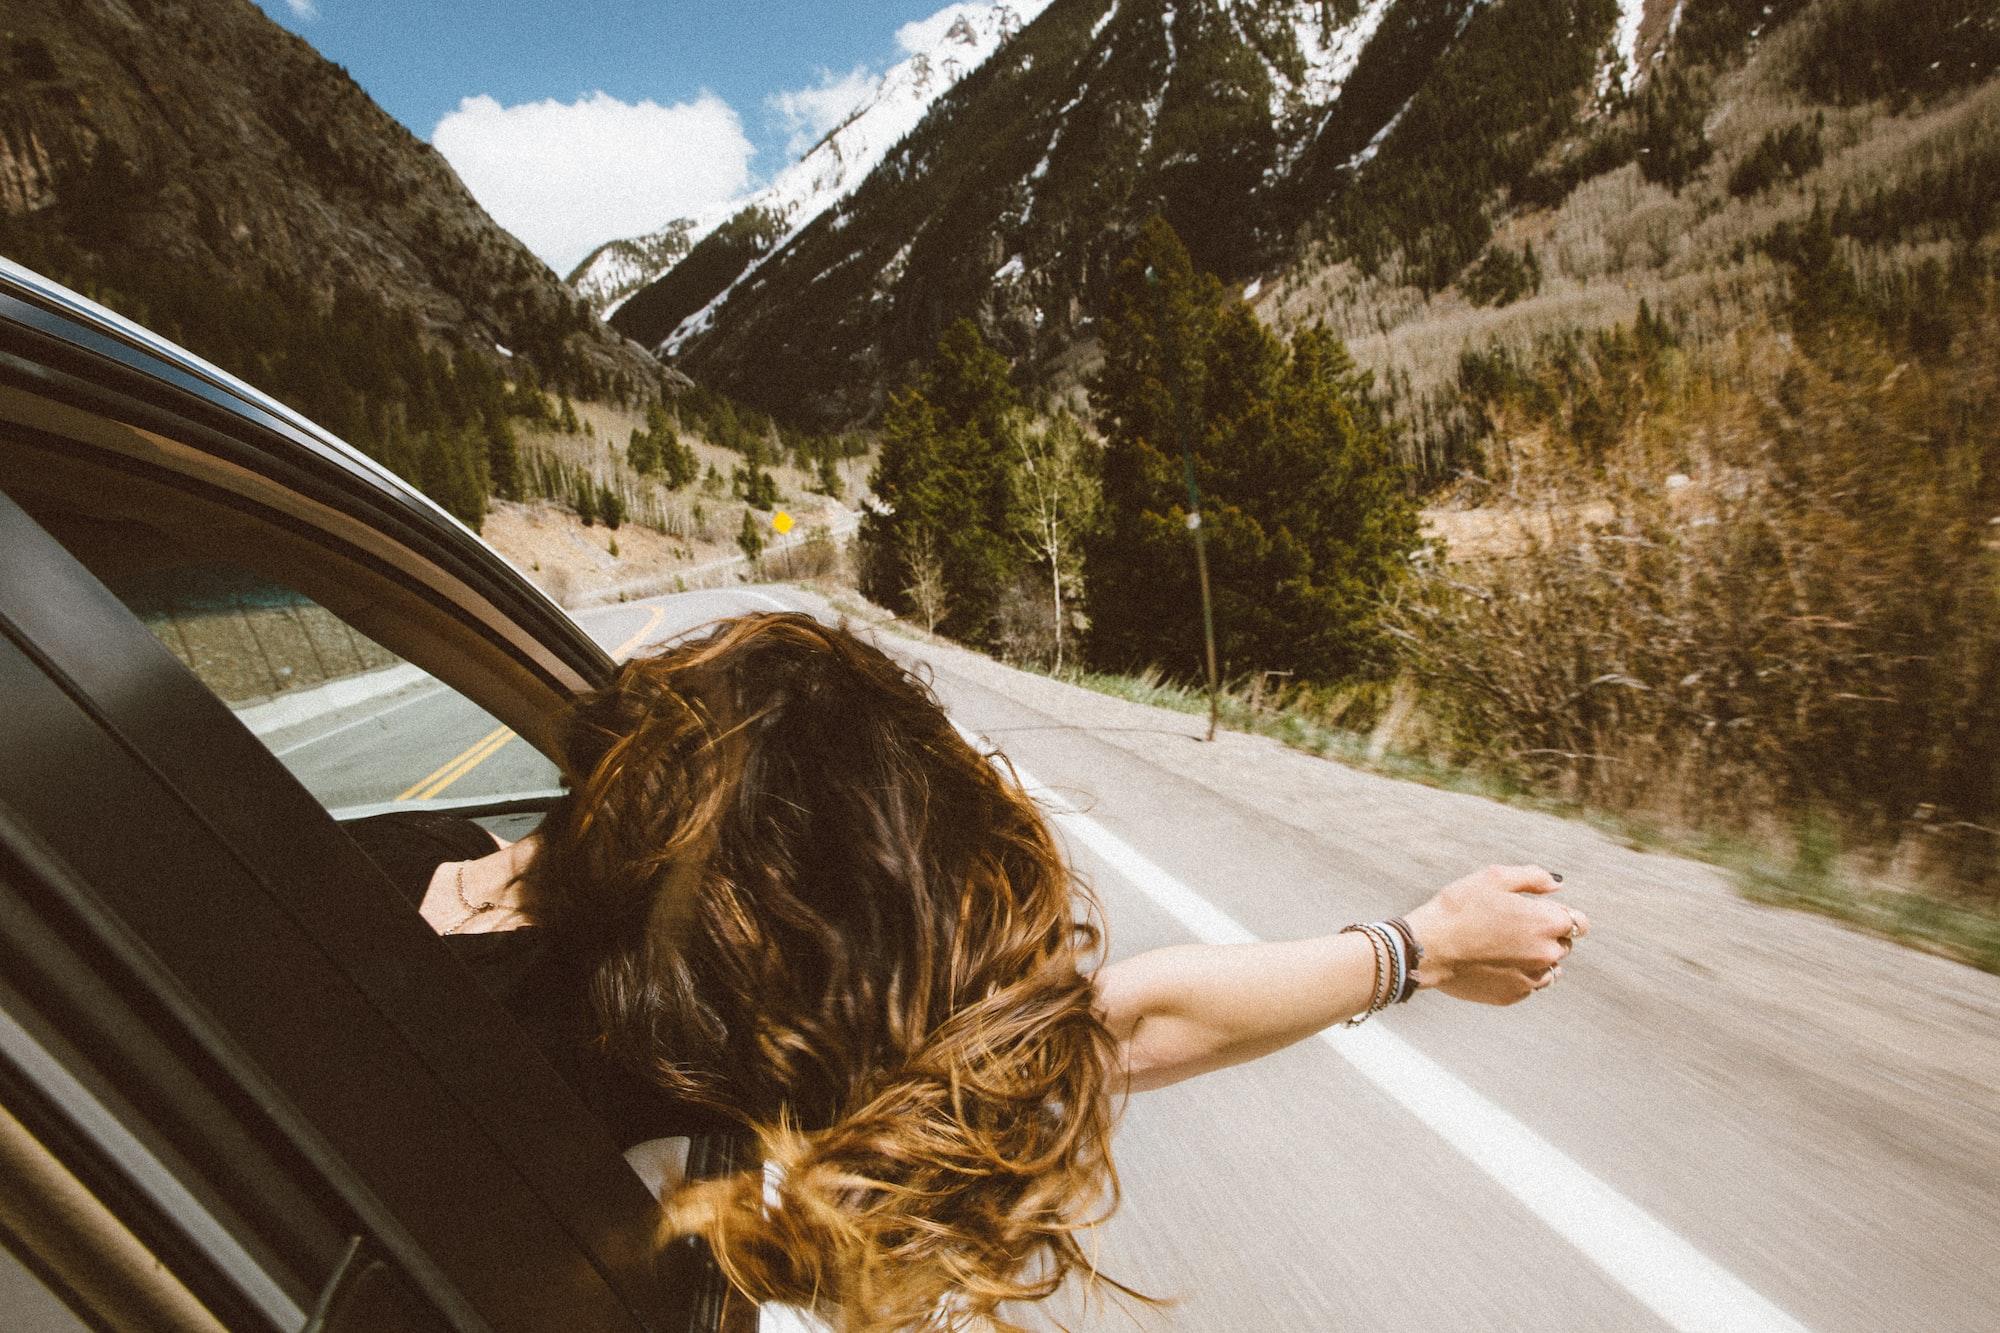 幾歲才是最佳的年紀去旅行?你錯過了最佳時期嗎?